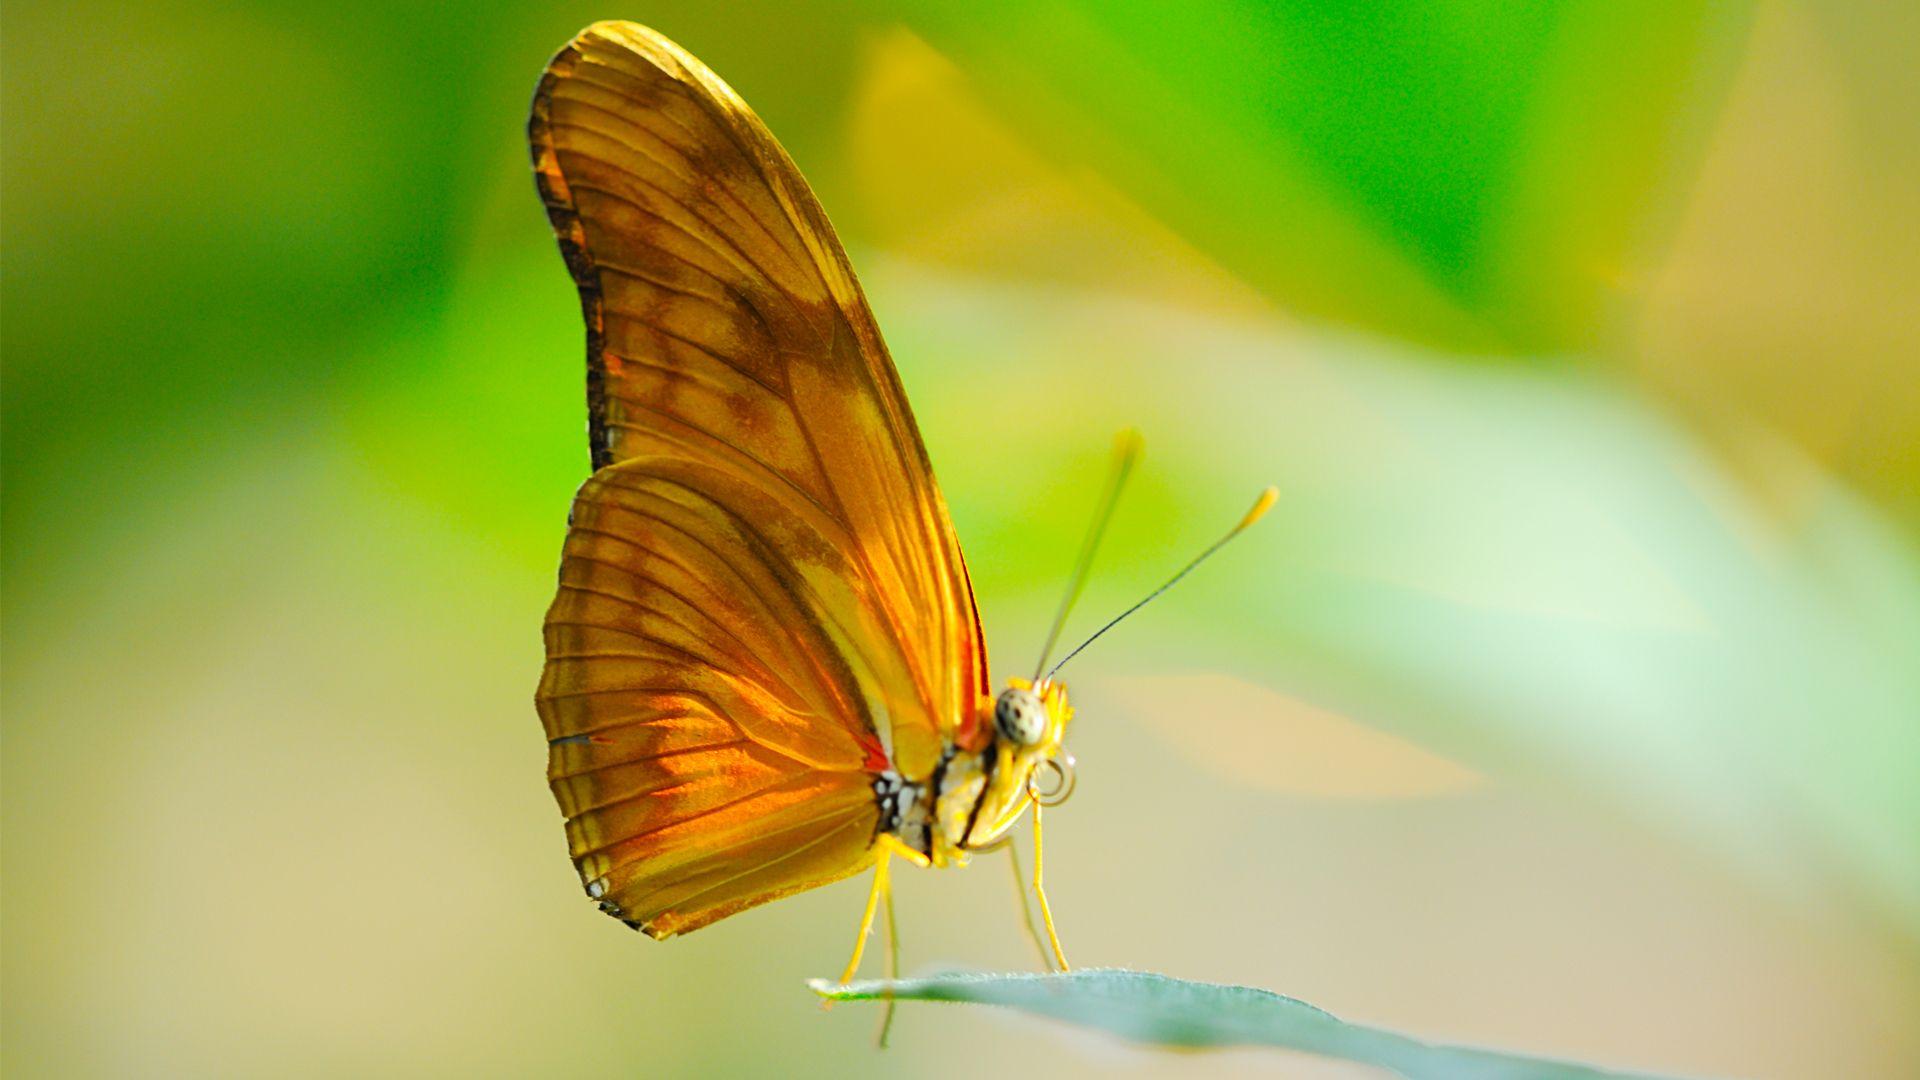 Butterfly Proboscis Wings Wallpapers - Free HD Wallpaper ...